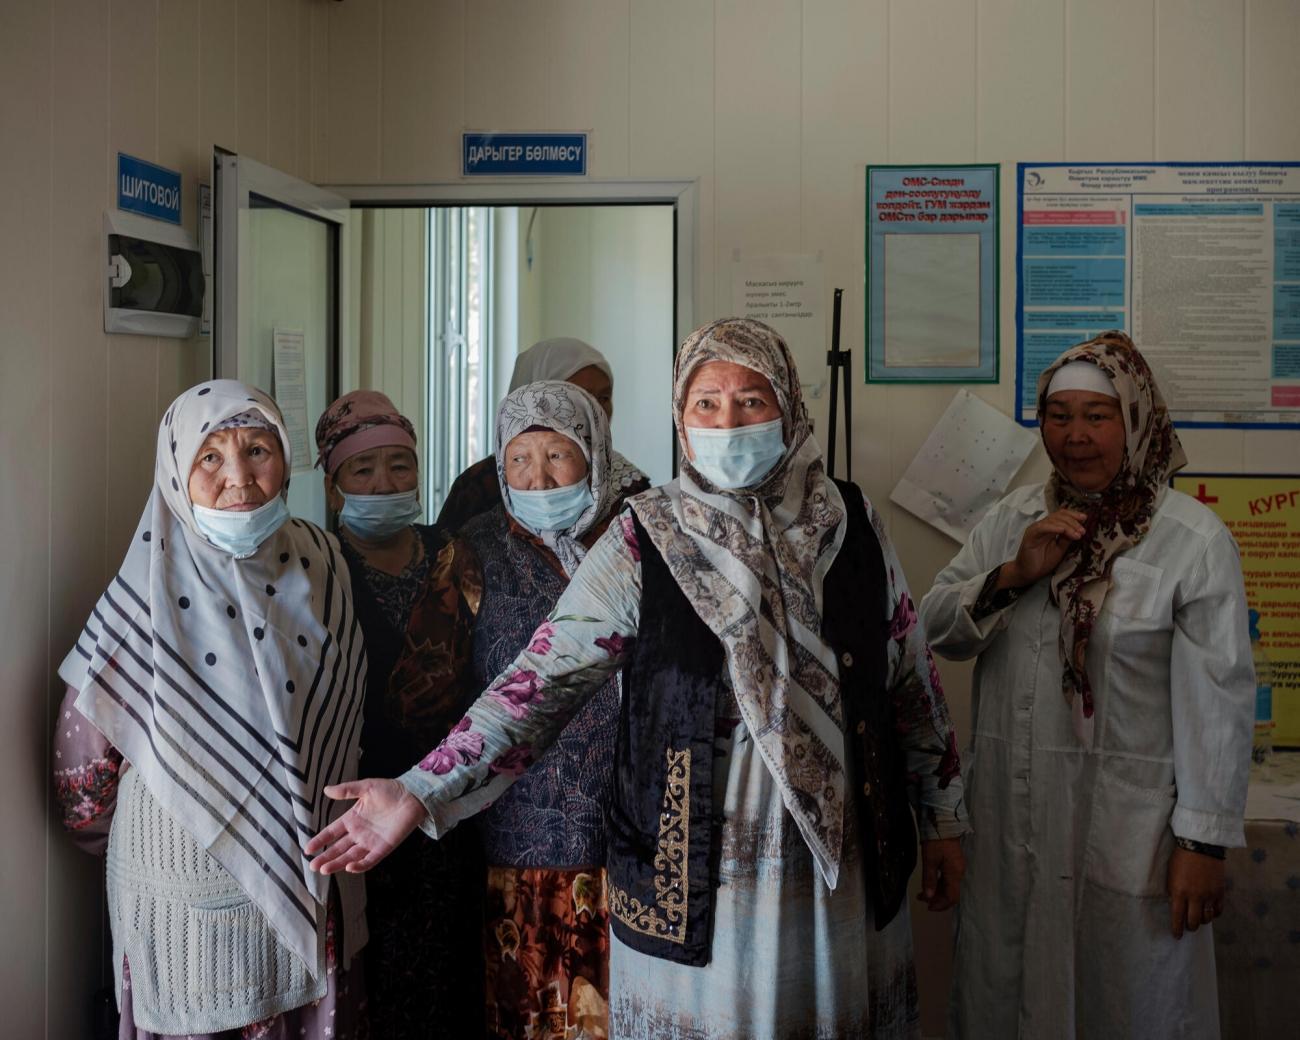 Un groupe de femmesréagit à une question posée sur le conflit.  © Maxime Fossat